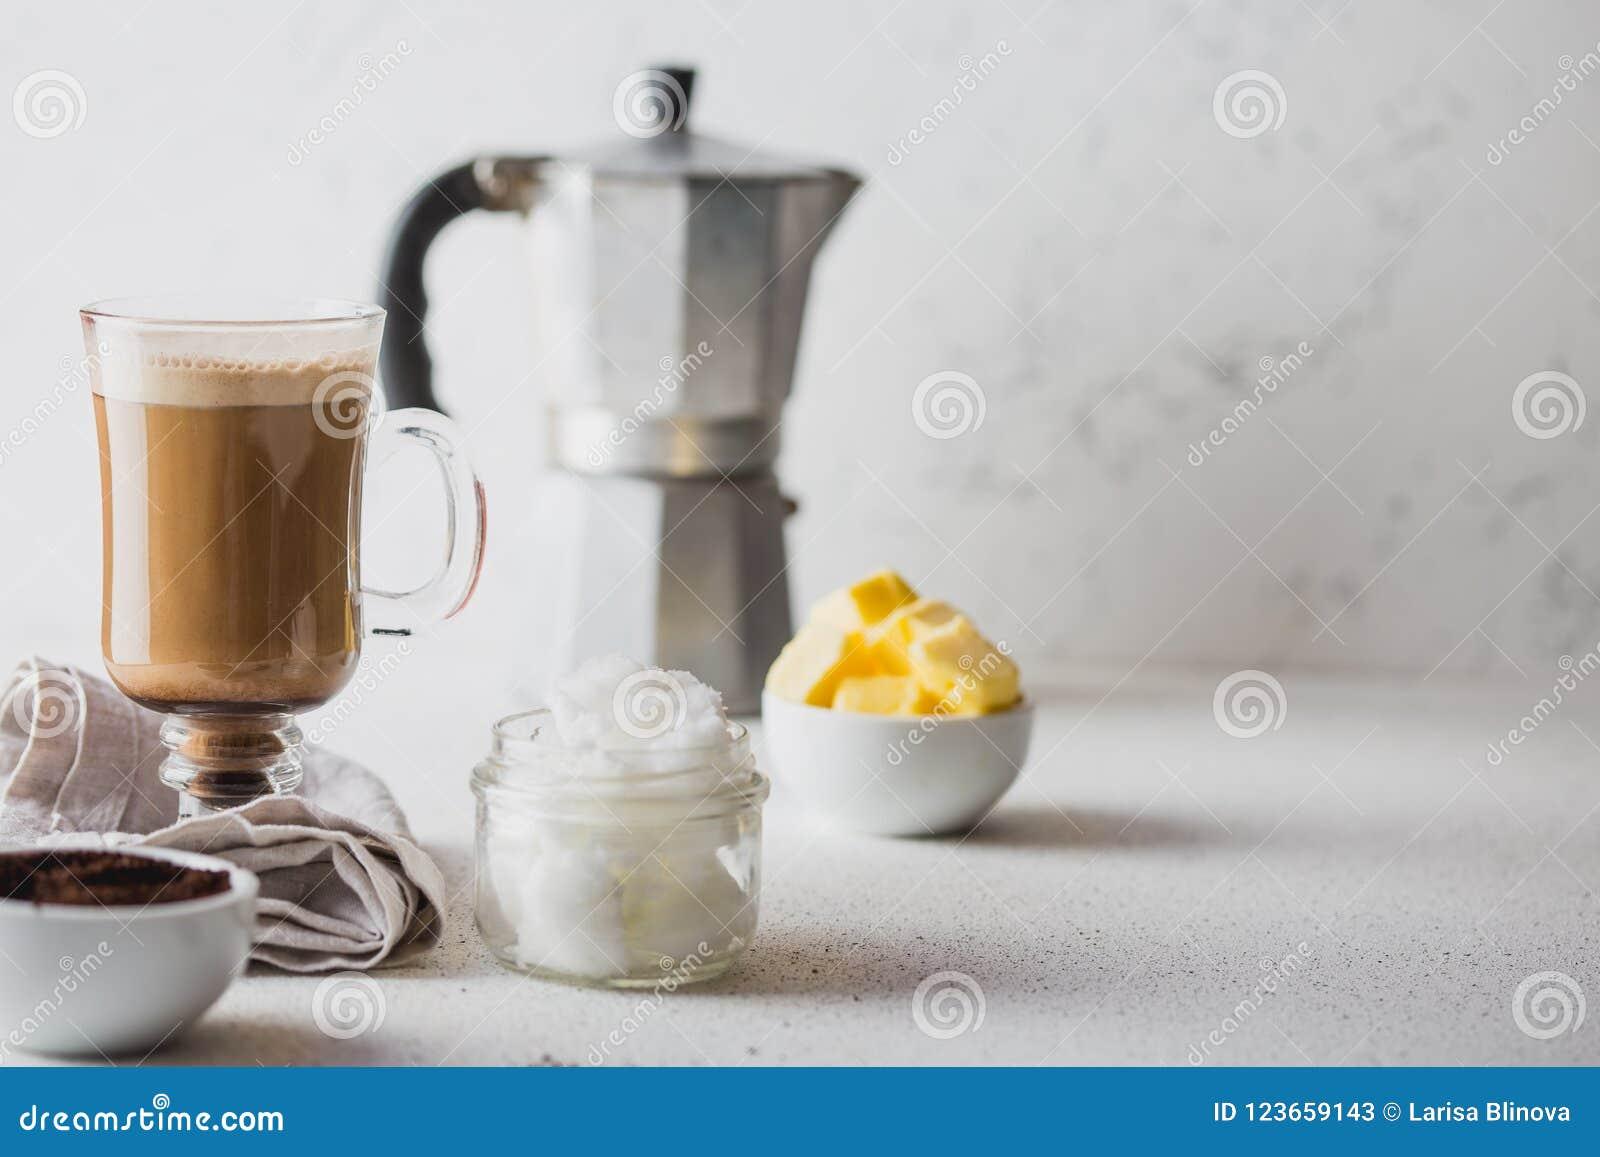 Caffè a prova di proiettile Il coffe Ketogenic di dieta del cheto si è mescolato con olio di cocco e burro Tazza di caffè a prova